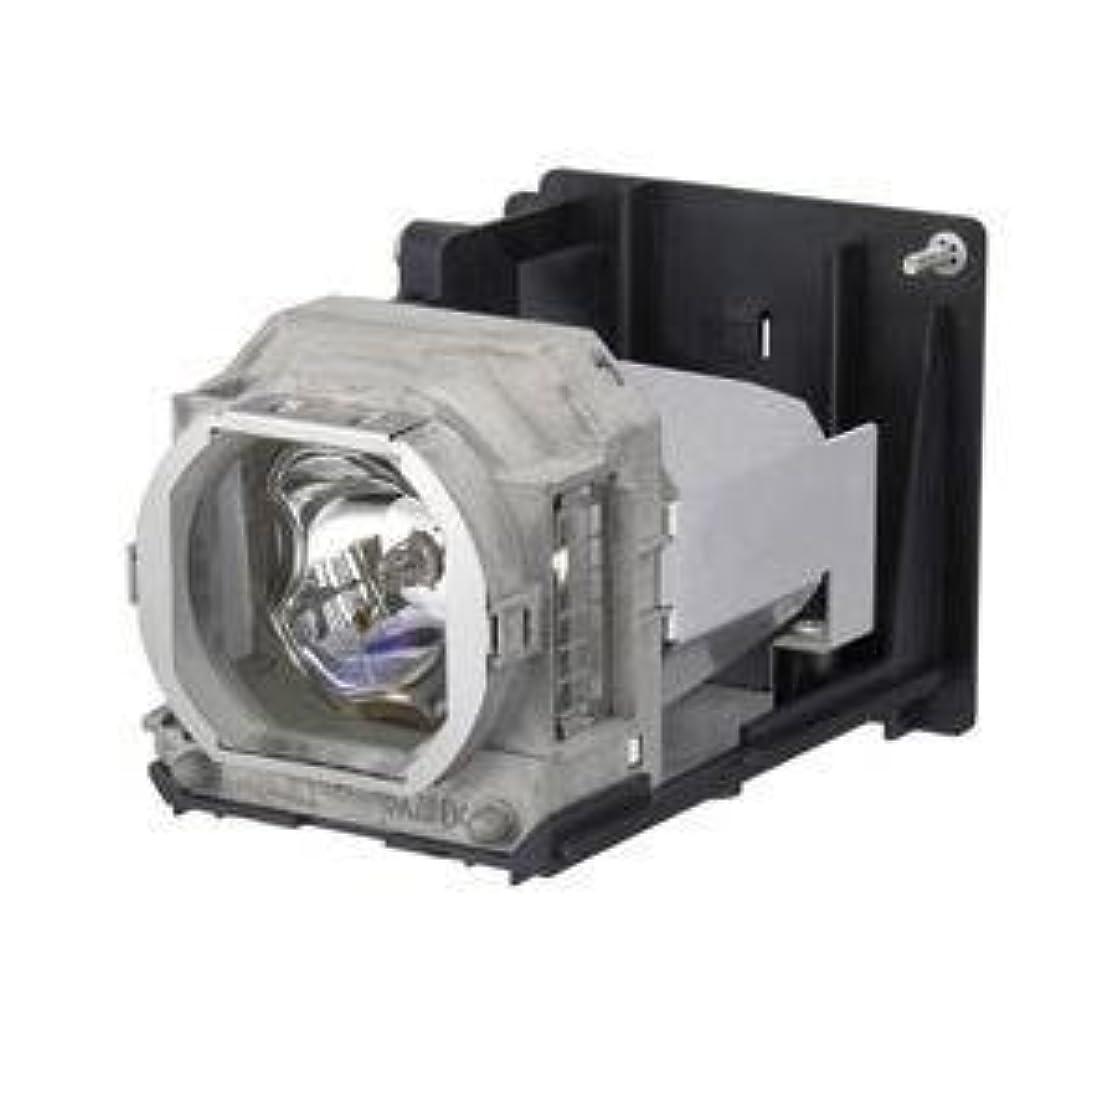 密度憂慮すべきスープBTI VLT-XD205LP-BTI 交換用ランプ 3000HR 205W 交換用ランプ F/三菱 XD205U SD205U PJ-LMP 205 W プロジェクターランプ - UHP - 2000時間 ノーマル